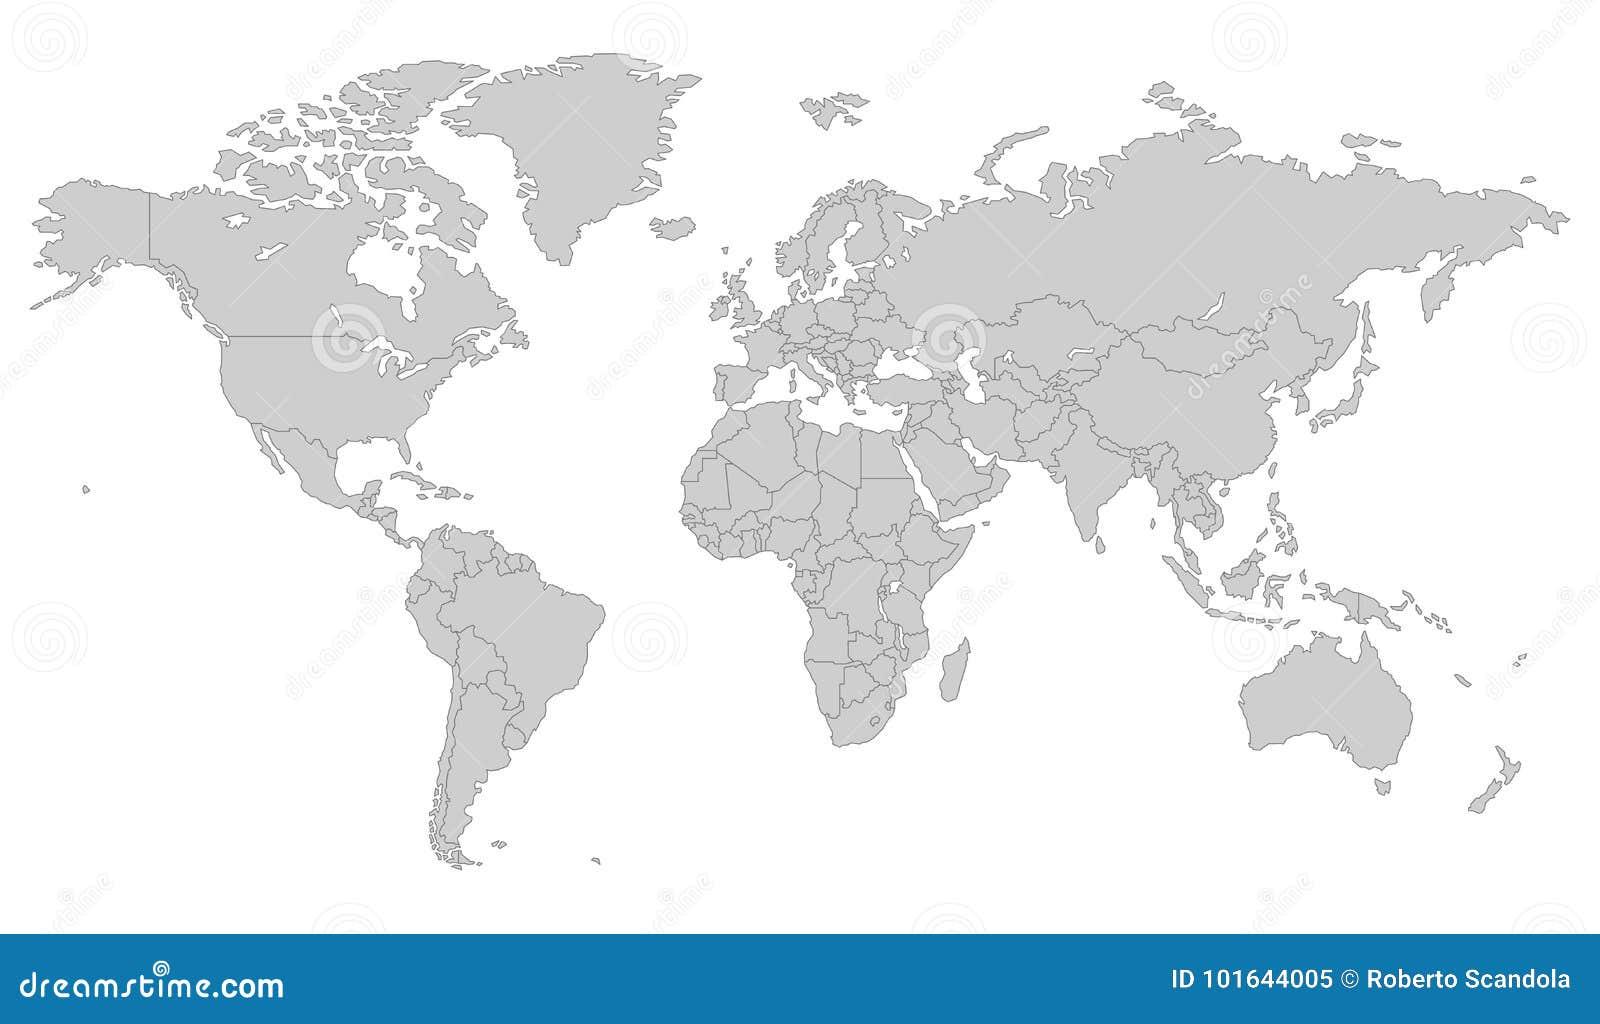 灰色传染媒介世界地图 向量例证. 插画 包括有 空白, 映射, 黑暗, 艺术, 灰色, 国家(地区), 行星